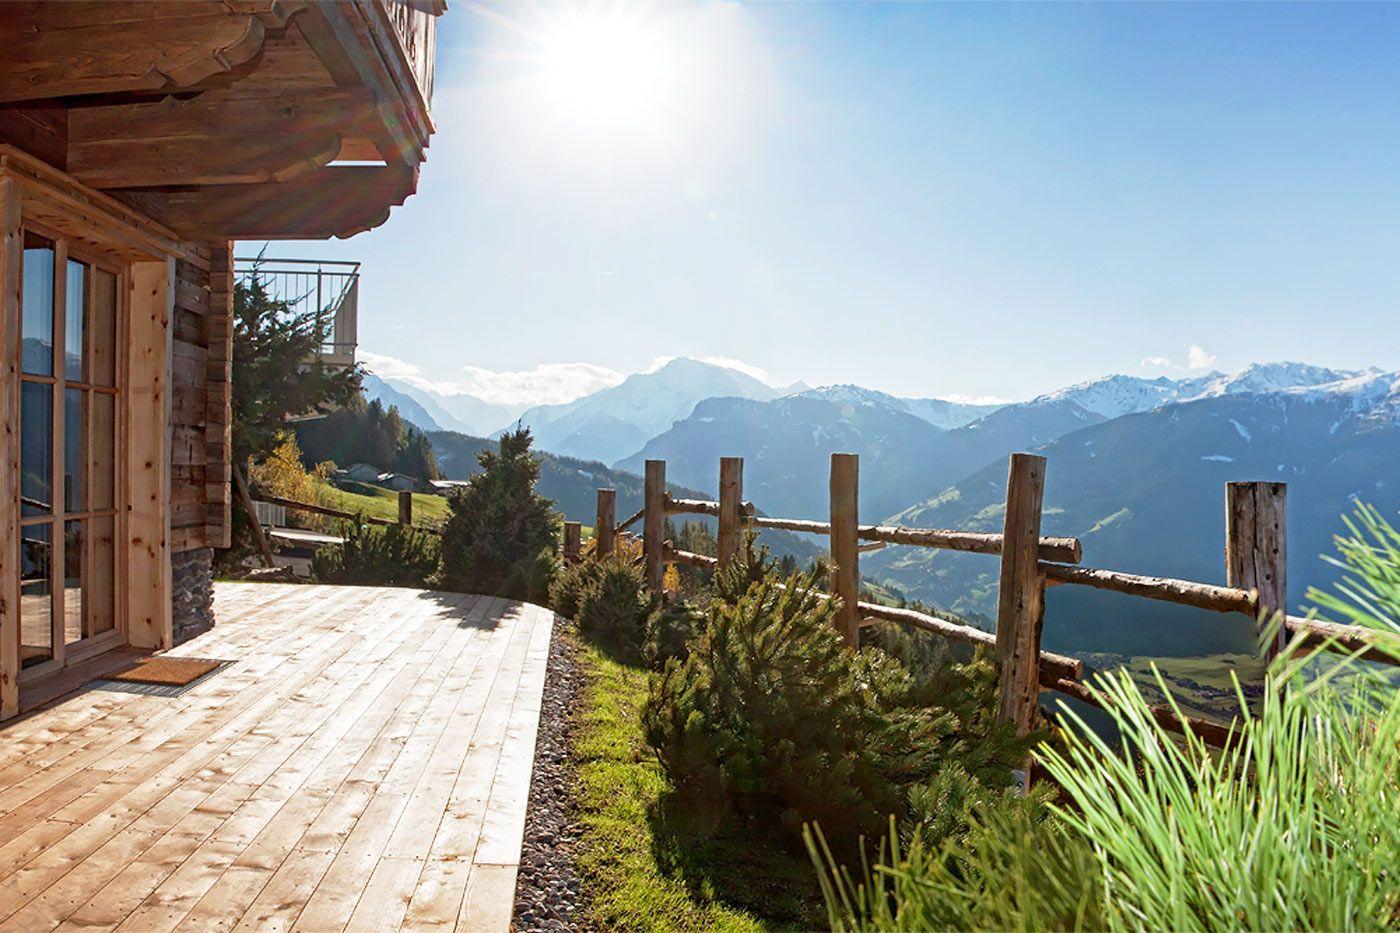 Blick Von Der Terrasse Des Luxus Chalets Sporer Alm In Tirol